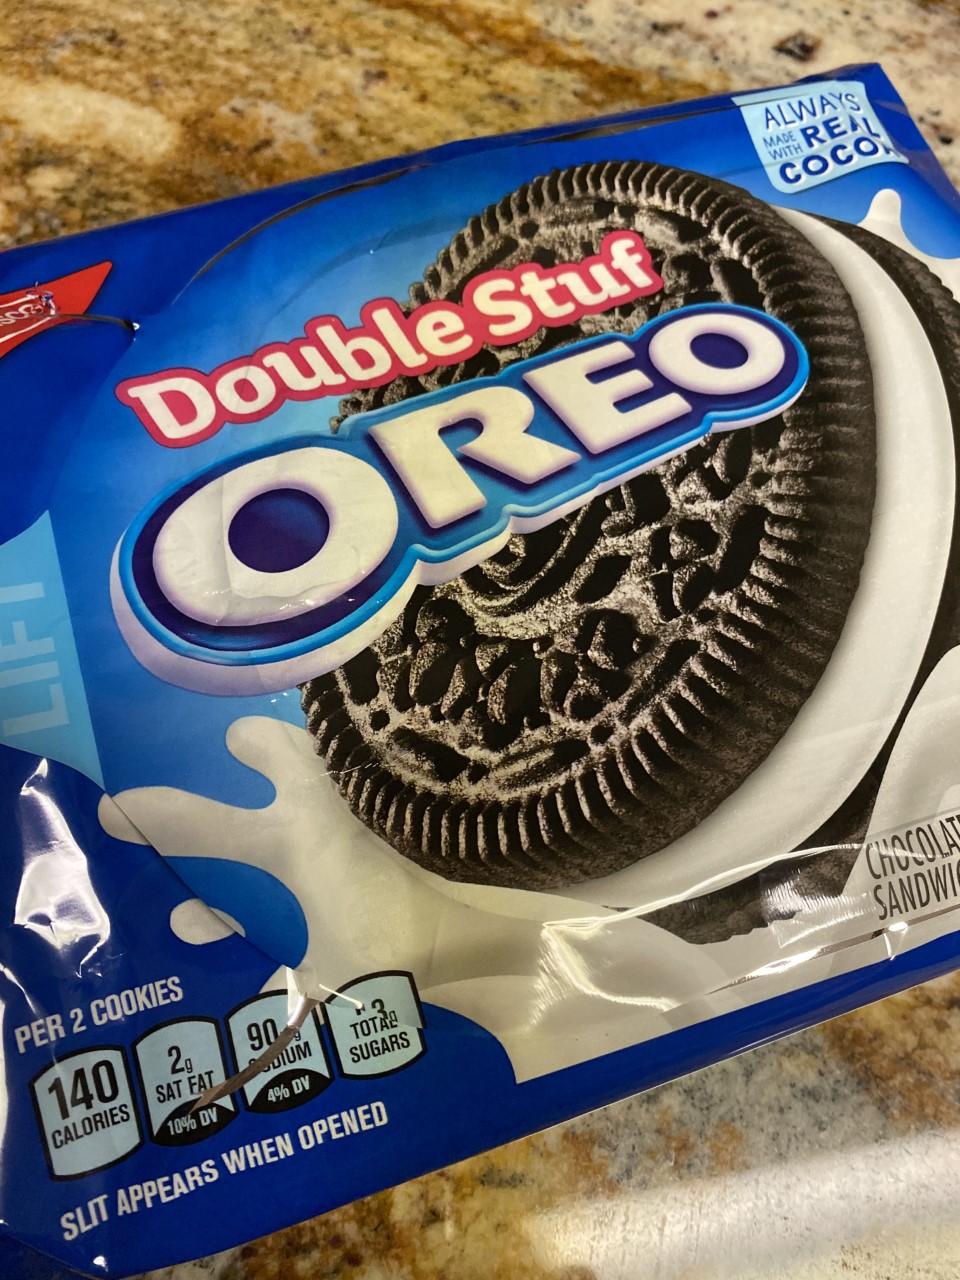 New Oreo Flavors!